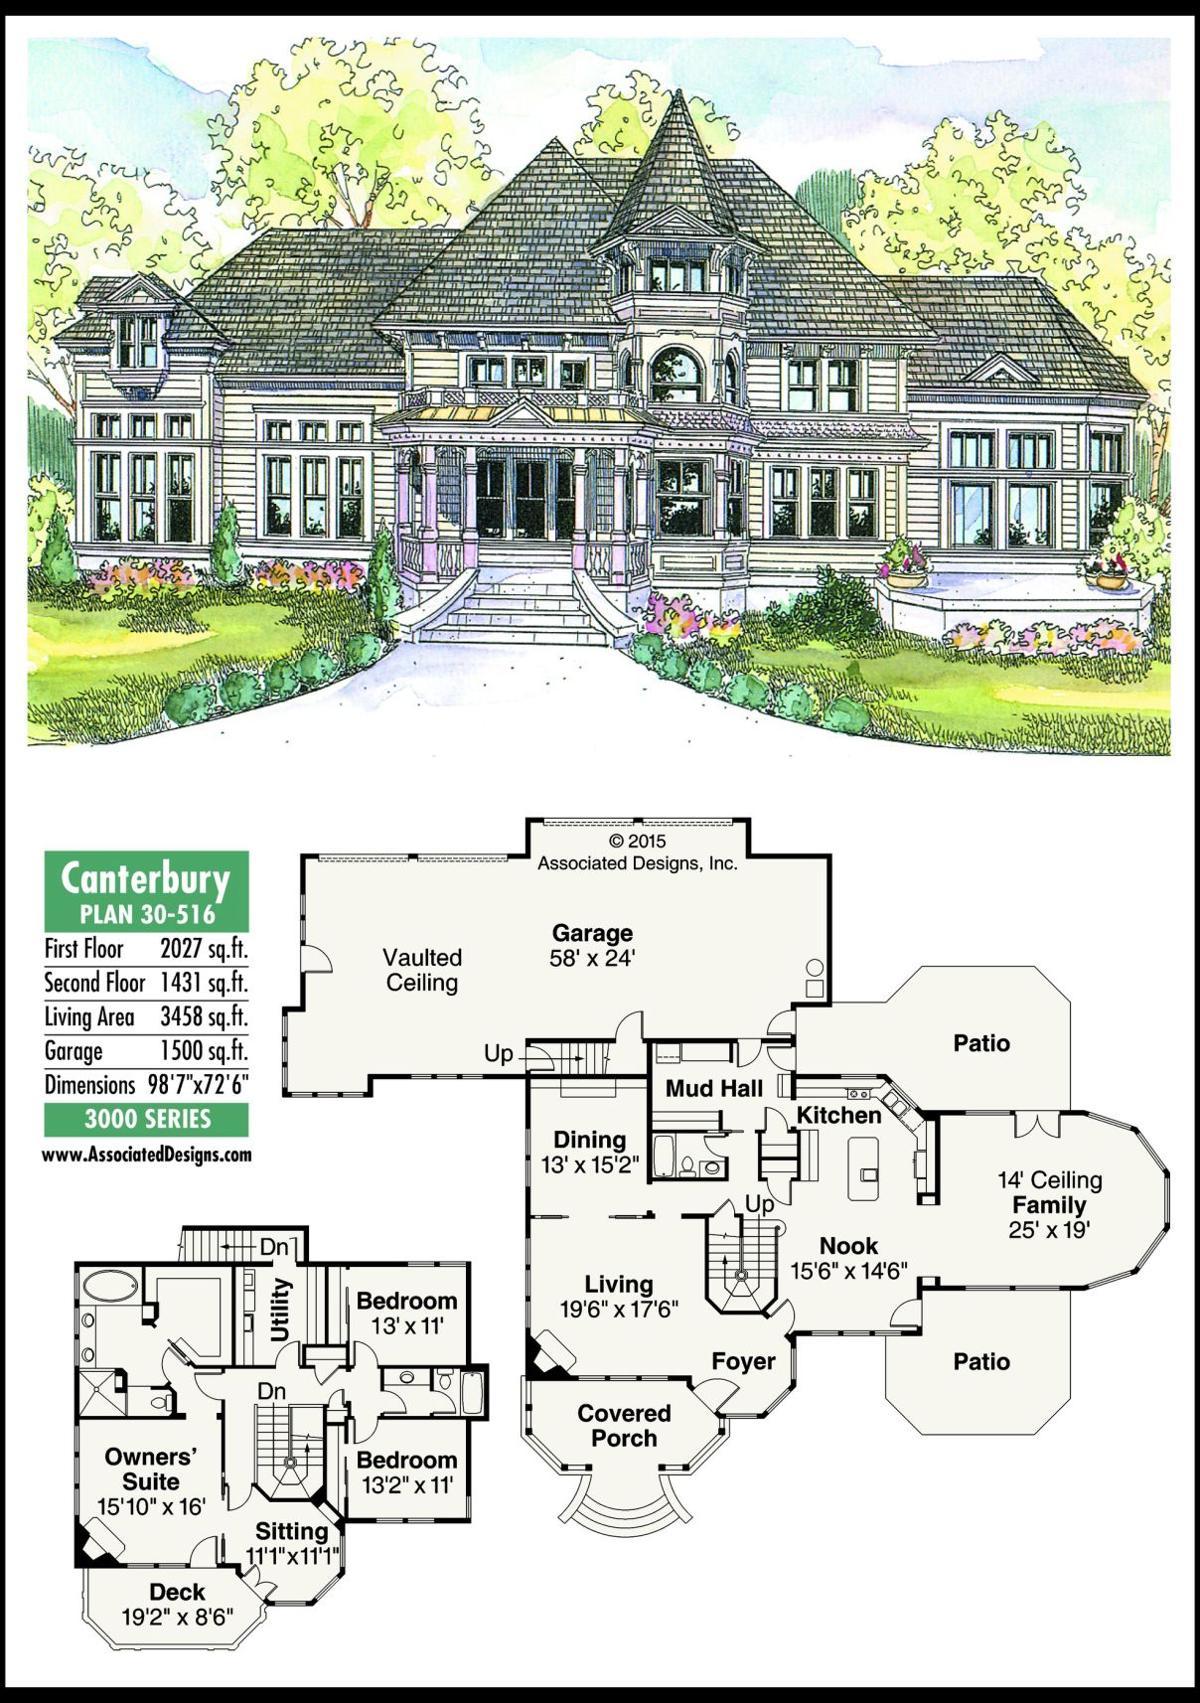 This week's house plan Canterbury 30-516